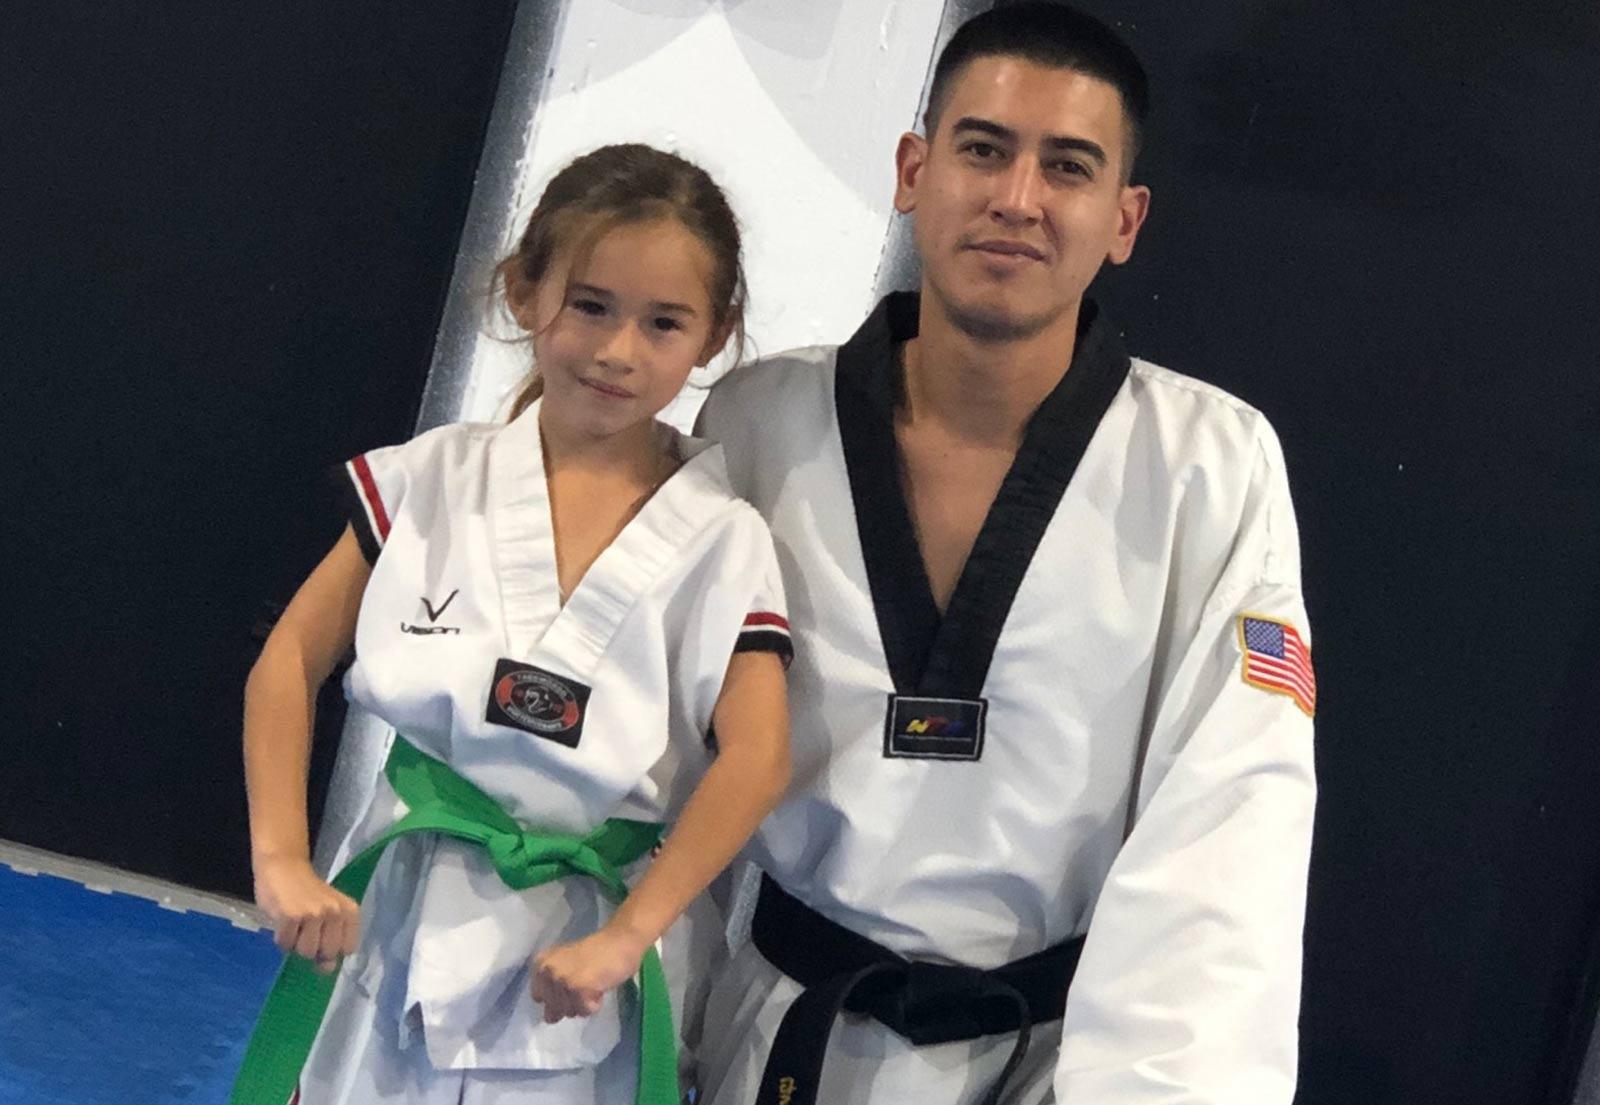 little-martial-arts-girl-splits